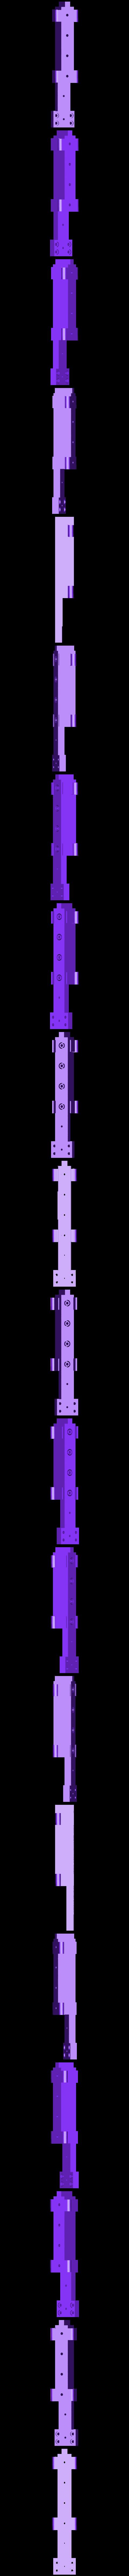 Eng-Frt-Beam301ws.stl Download STL file Thrust Reverser with Turbofan Engine Nacelle • 3D printable model, konchan77